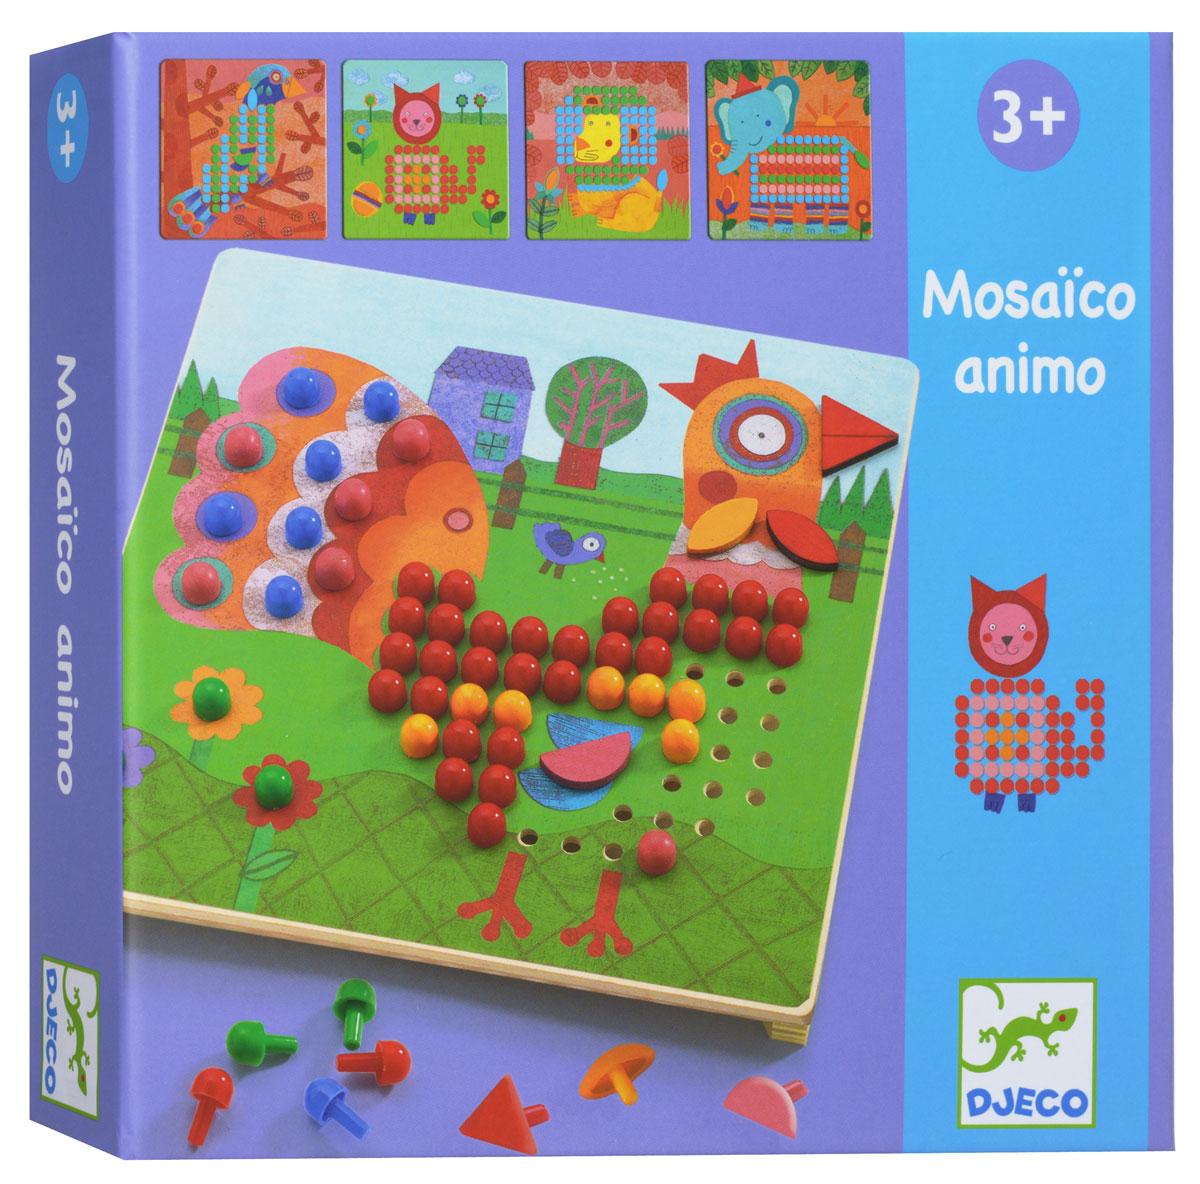 """Мозаика """"Животные"""" от французского производителя Djeco станет увлекательной развивающей игрушкой для каждого малыша. В комплекте ребенок найдет деревянную основу, красочные карточки с заданиями и множество пластиковых гвоздиков разной формы и цветов. Ребенок должен собрать картинку согласно инструкции, в результате чего у него получатся яркий петушок, забавный слоненок, красочный львенок и другие животные и насекомые. Игра развивает мелкую моторику, логическое мышление, сообразительность и внимательность ребенка, учит его усидчивости и терпению."""